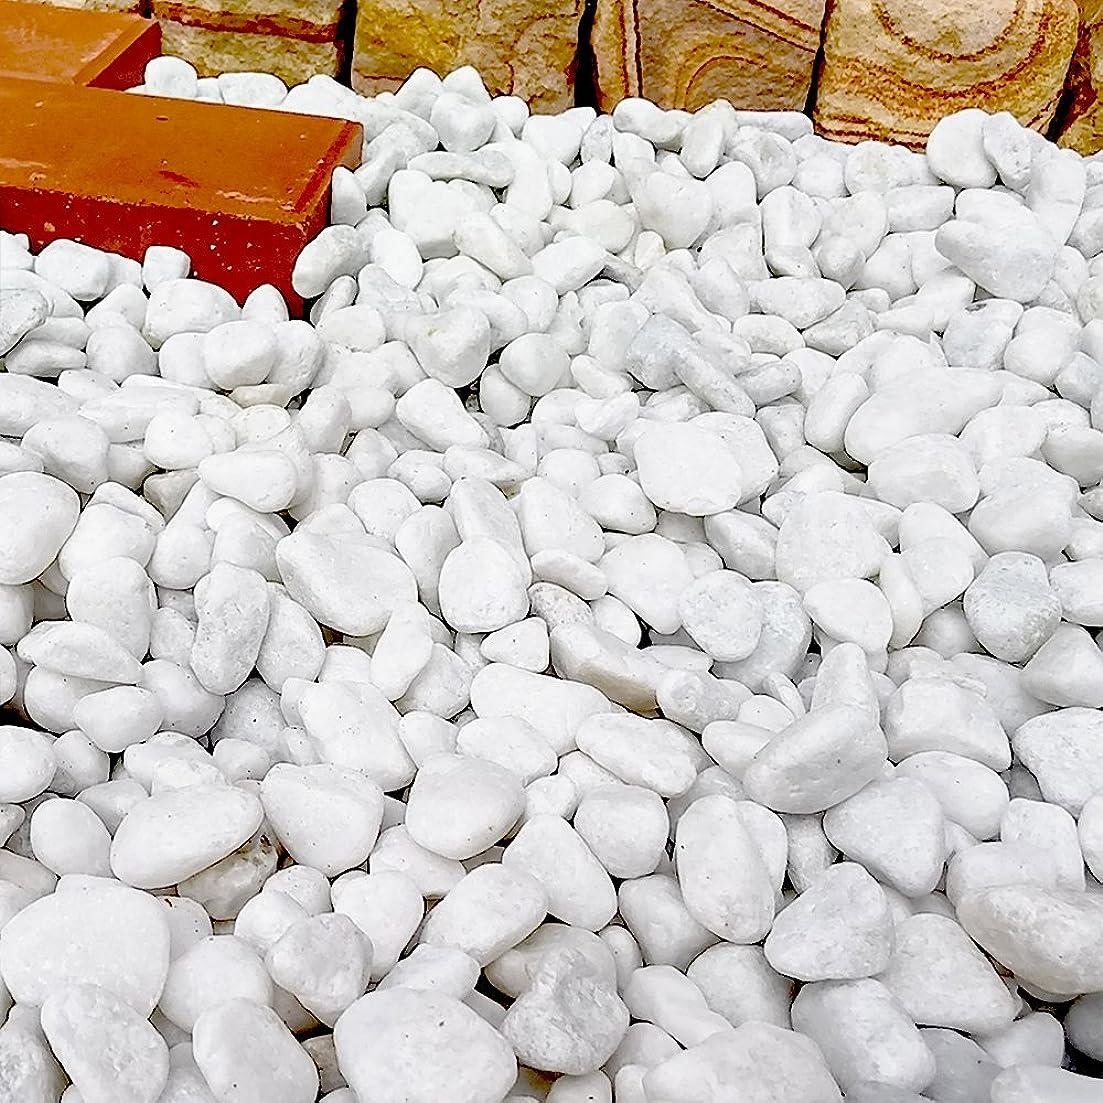 ロバ暗い提案天然石 玉石砂利 1-2cm 140kg スノーホワイト (ガーデニングに最適 白色砂利)